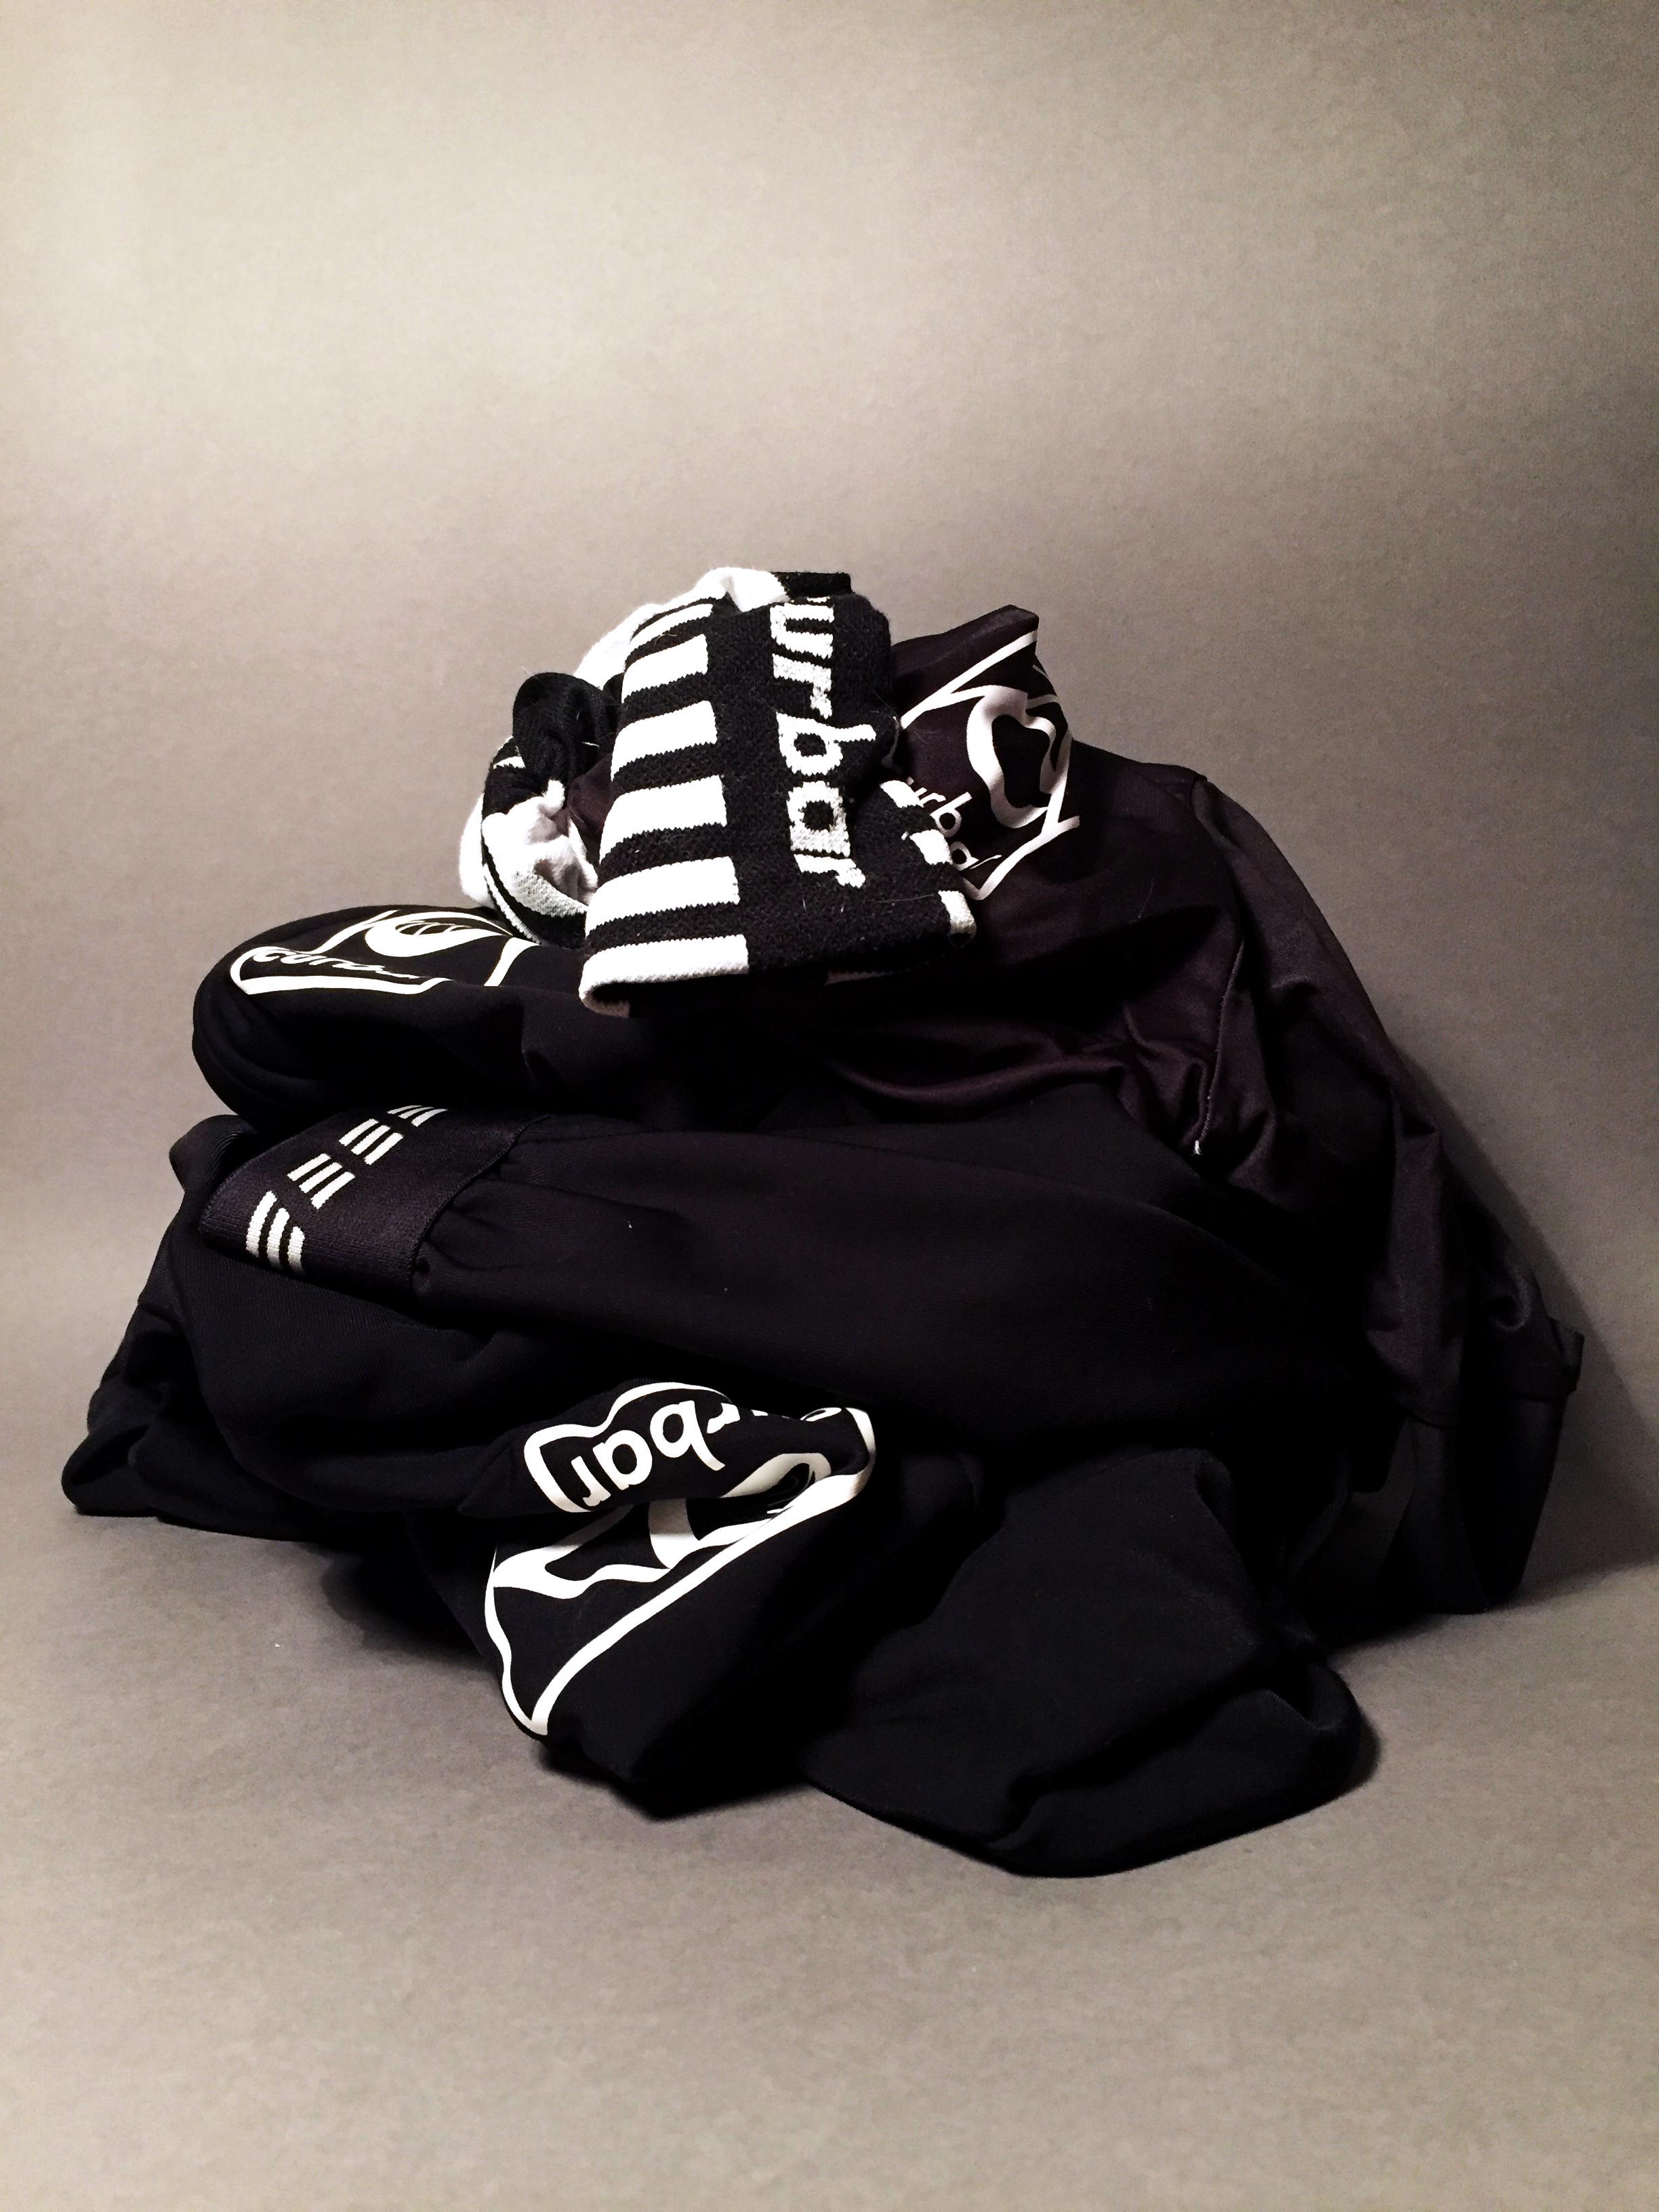 ls endurance jersey,   ss grid jersey ,  classic bib tights ,  comb socks